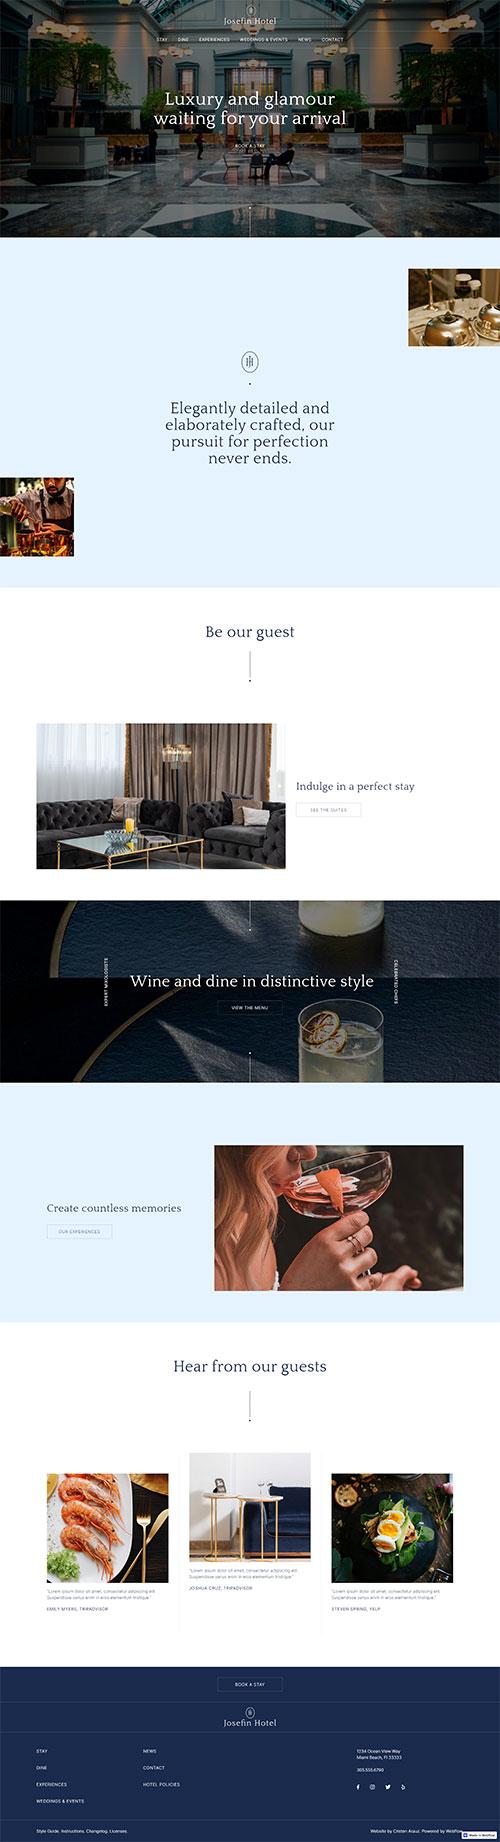 Mẫu-website-Hotel-đẹp-tiện-ích-và-hút-khách-02